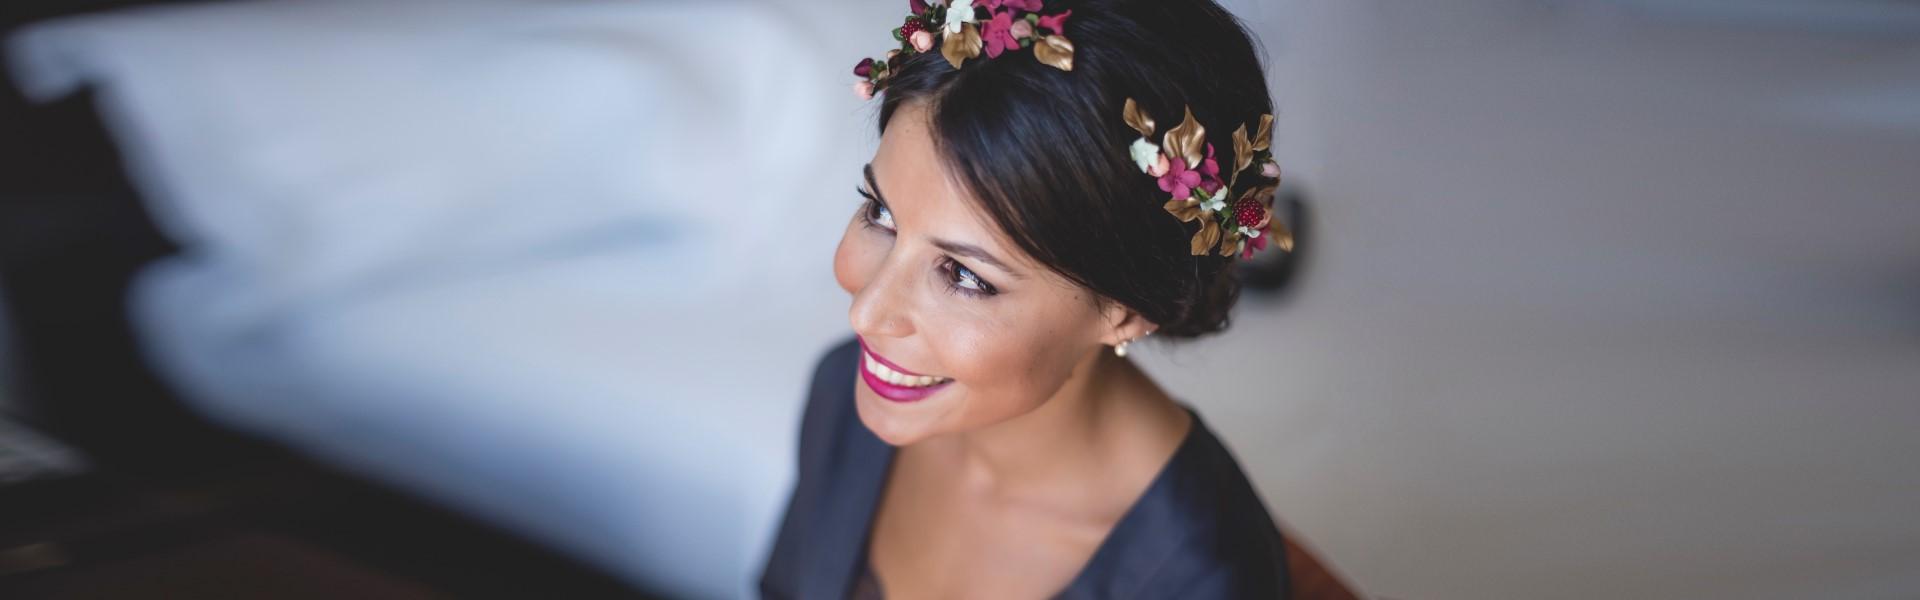 Ana Tagarro Make Up and Beauy Gijon